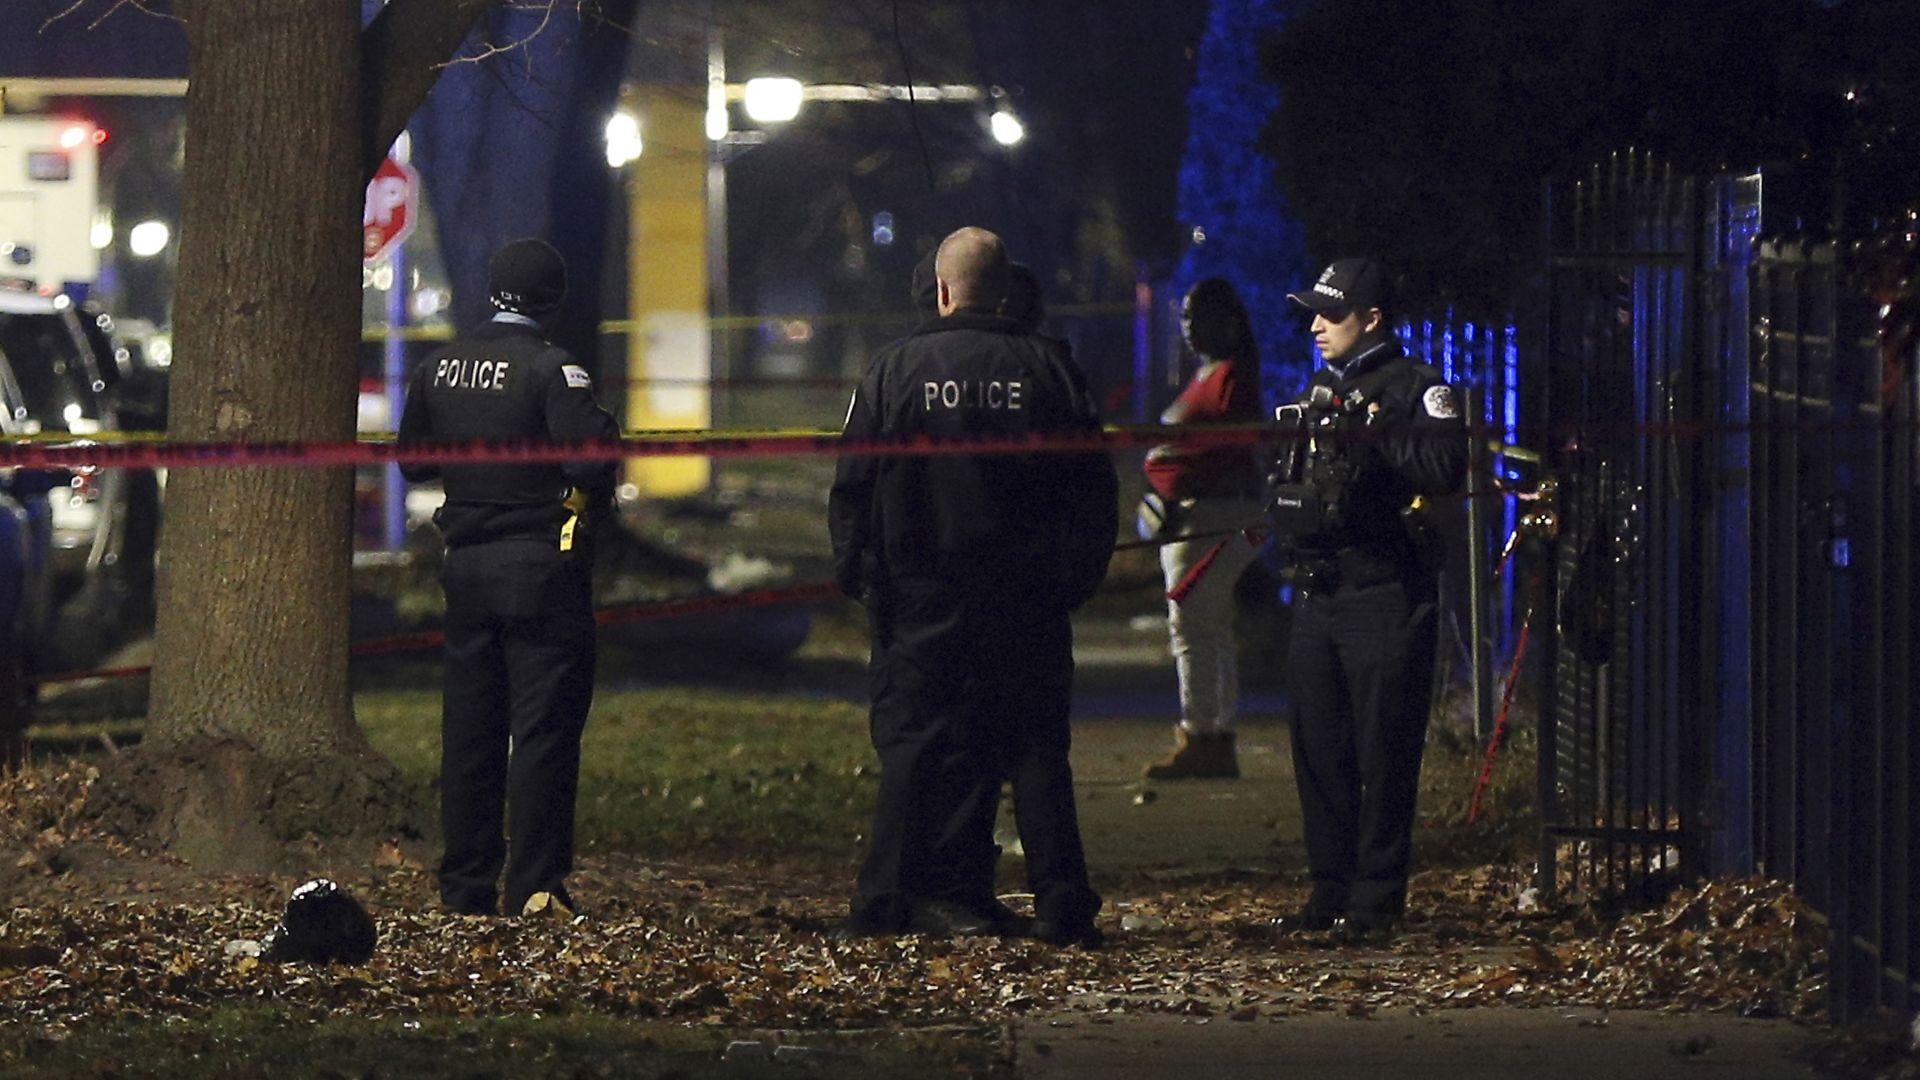 13 души са ранени при стрелба в Чикаго на събиране в памет на убит